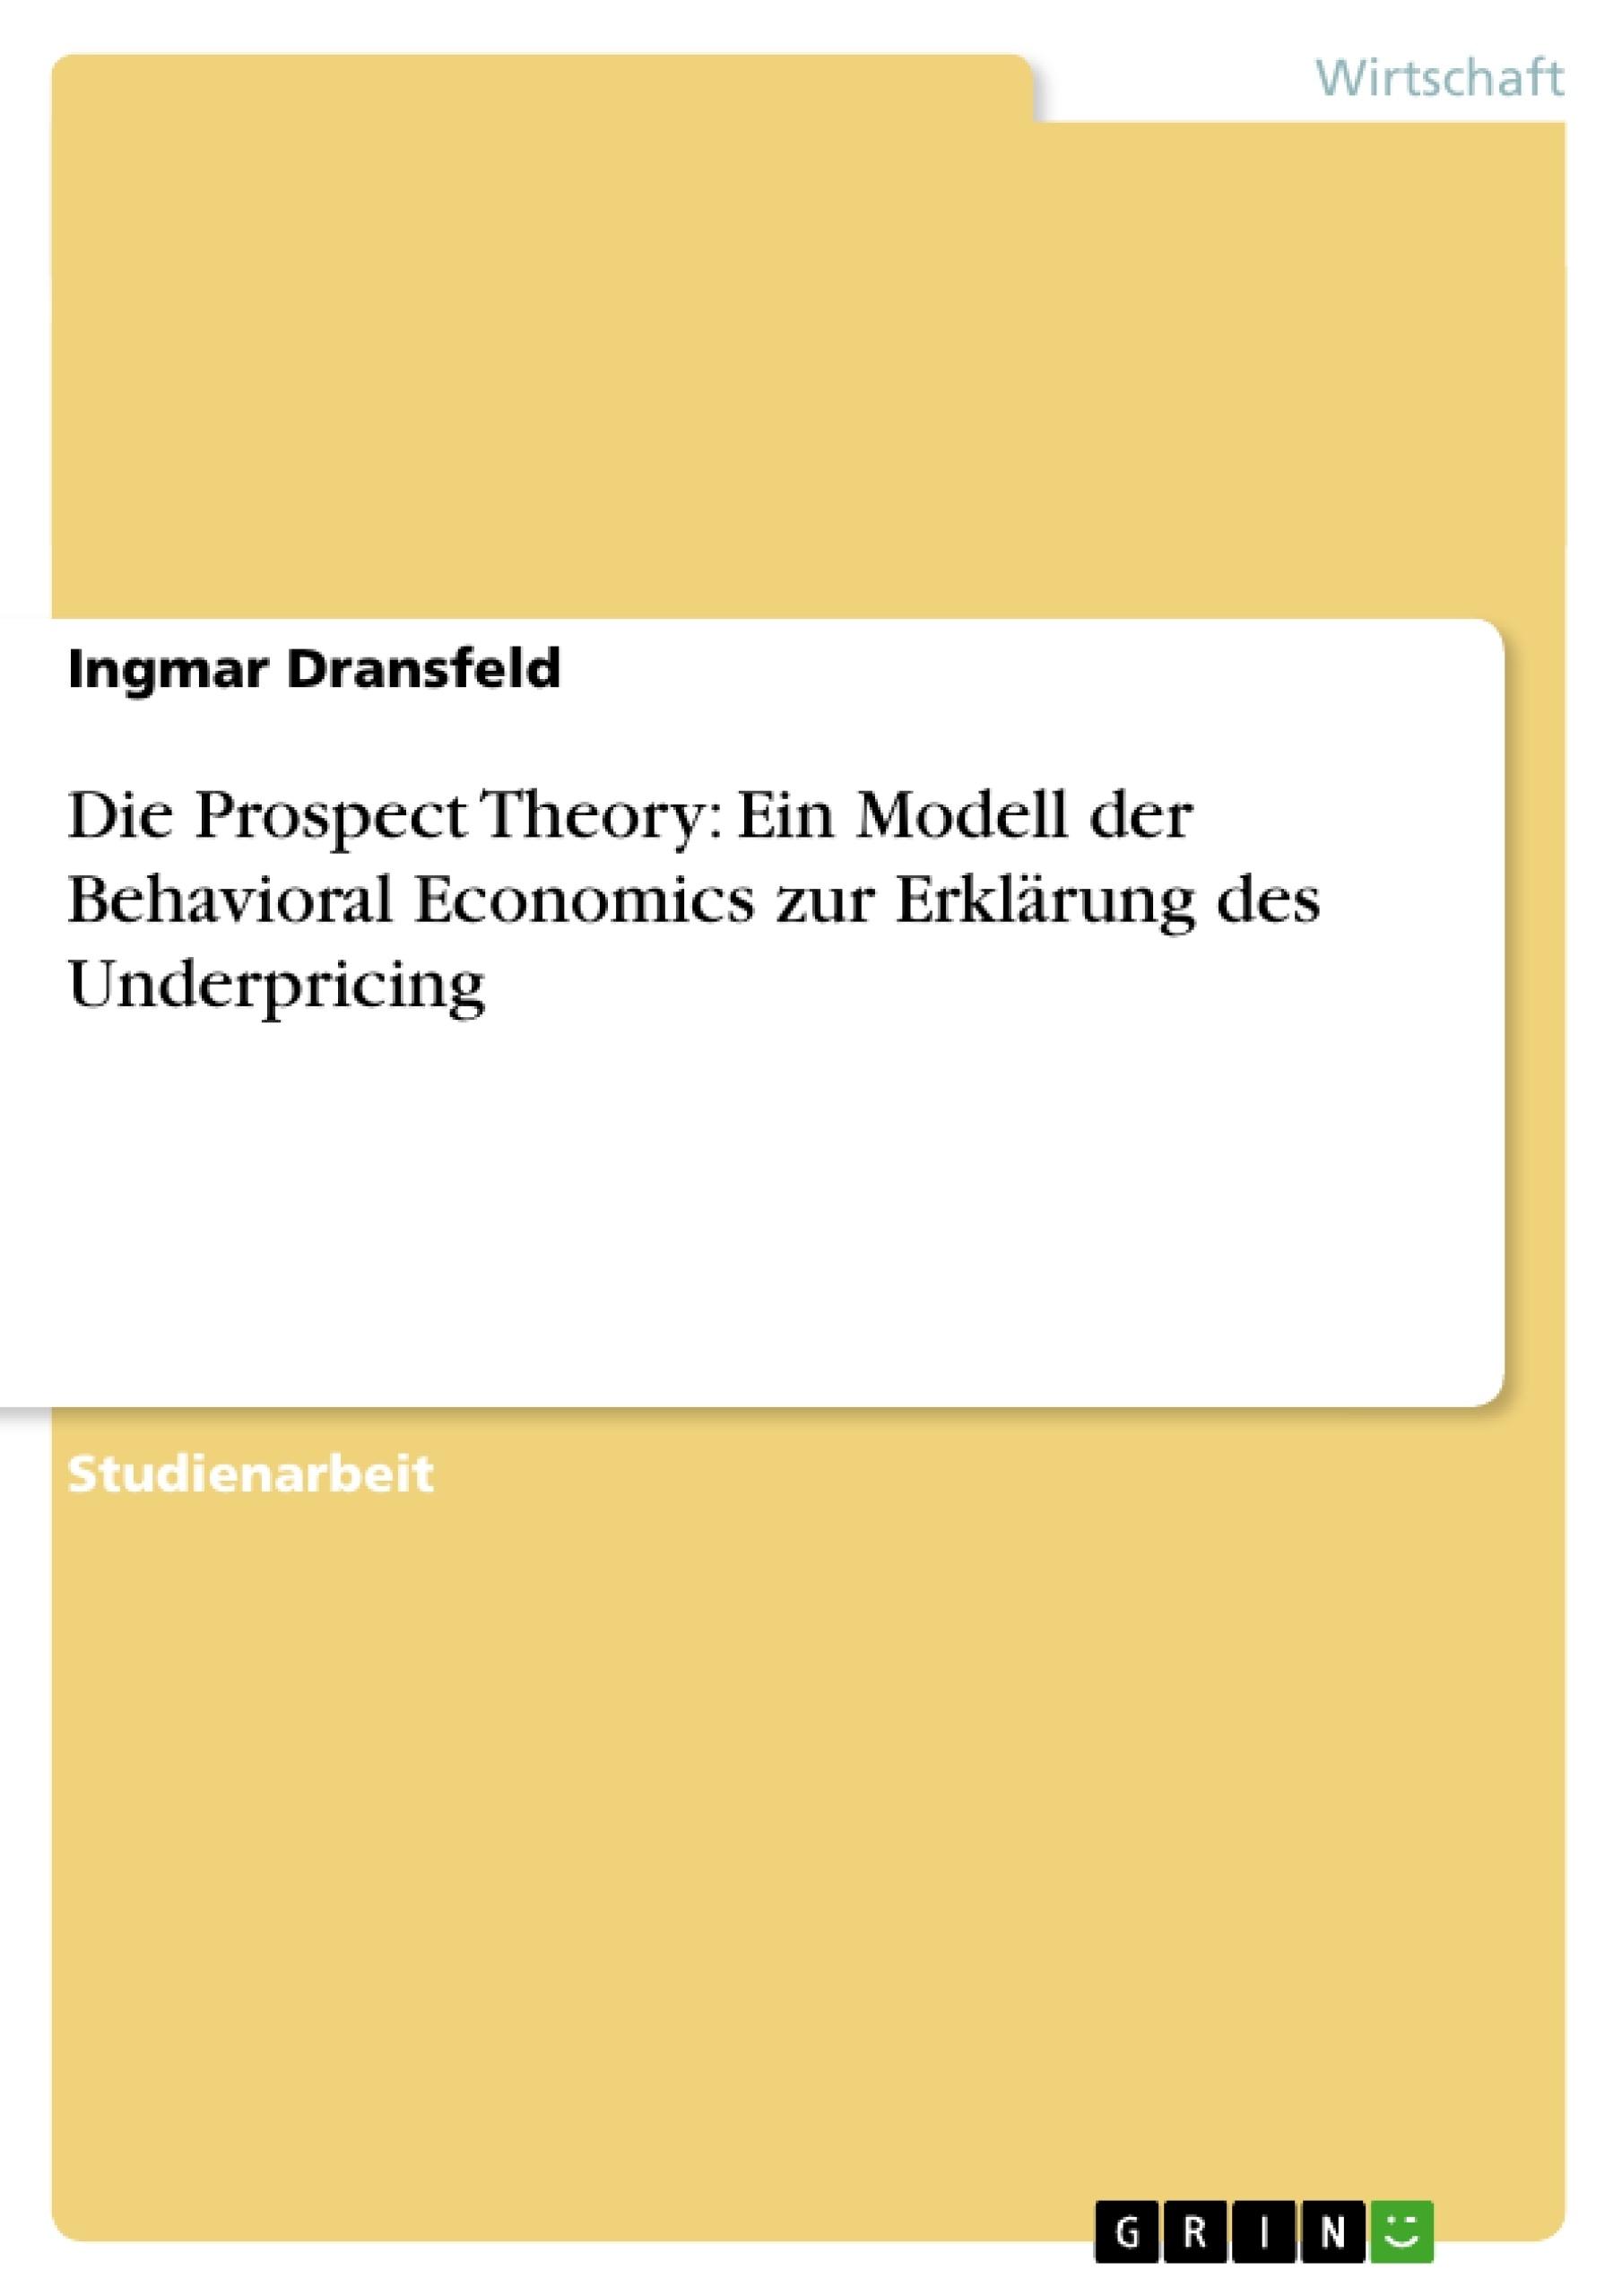 Titel: Die Prospect Theory: Ein Modell der Behavioral Economics zur Erklärung des Underpricing